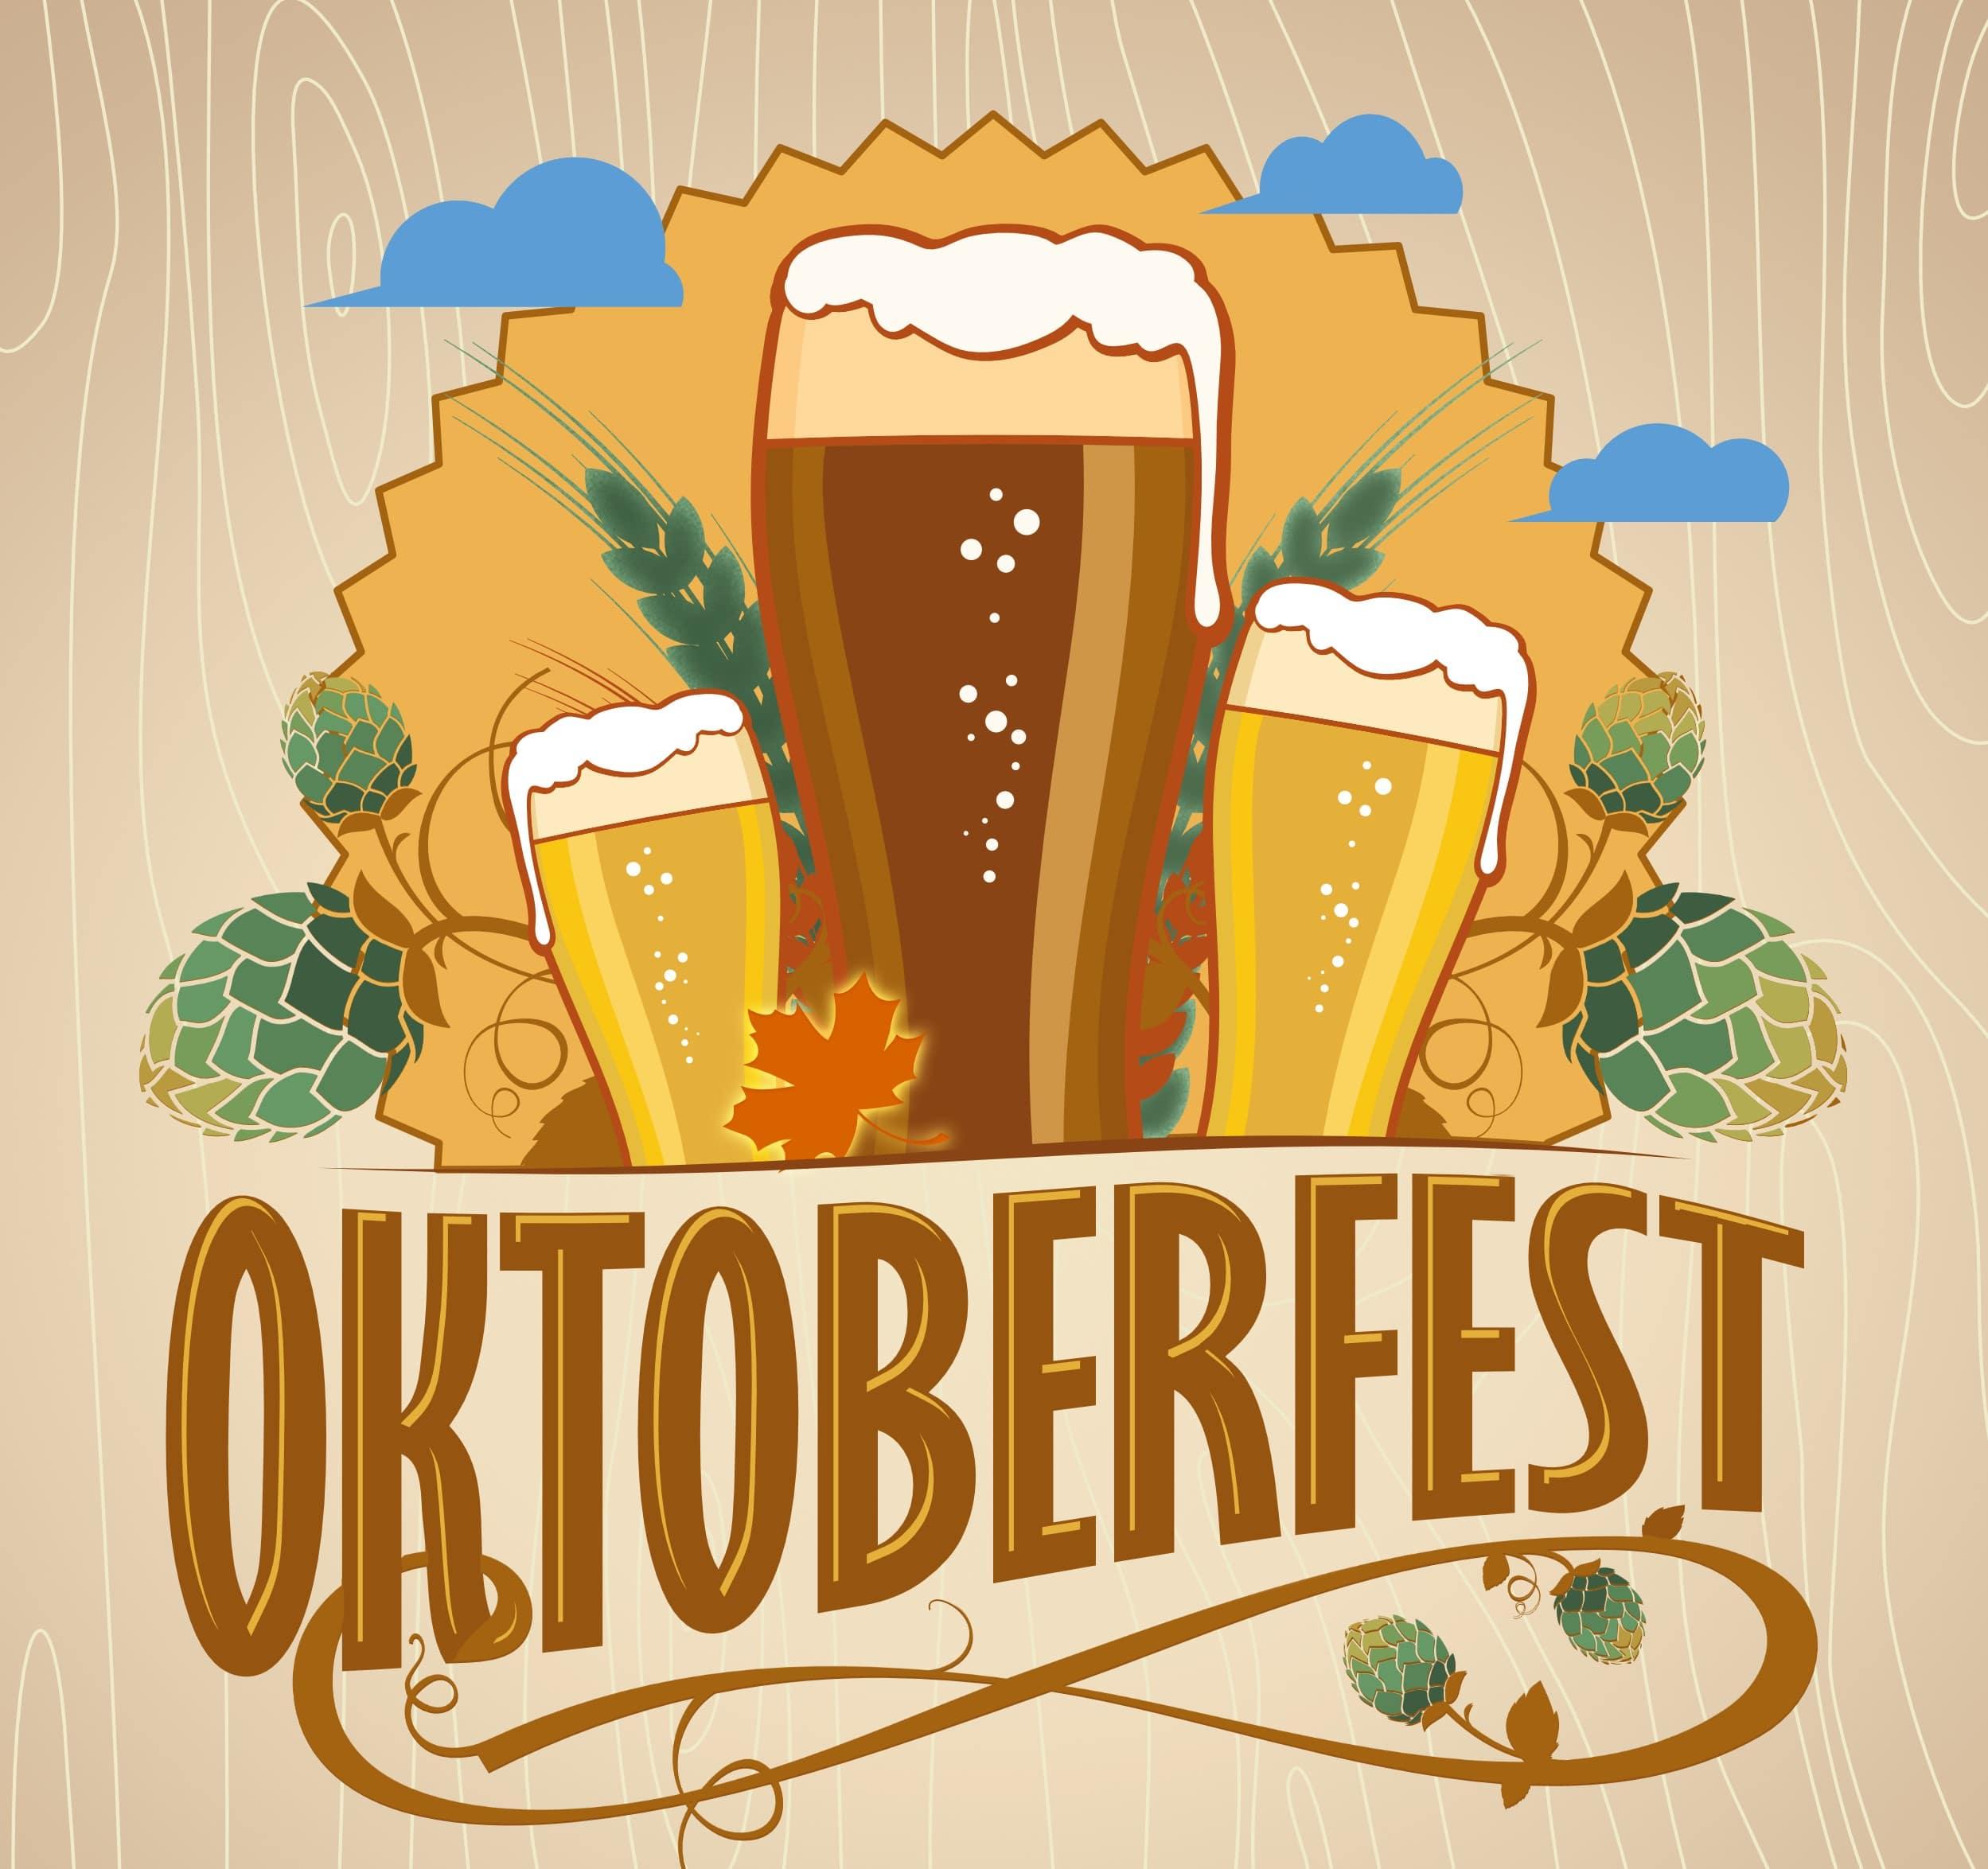 Oktoberfest Winter Haven